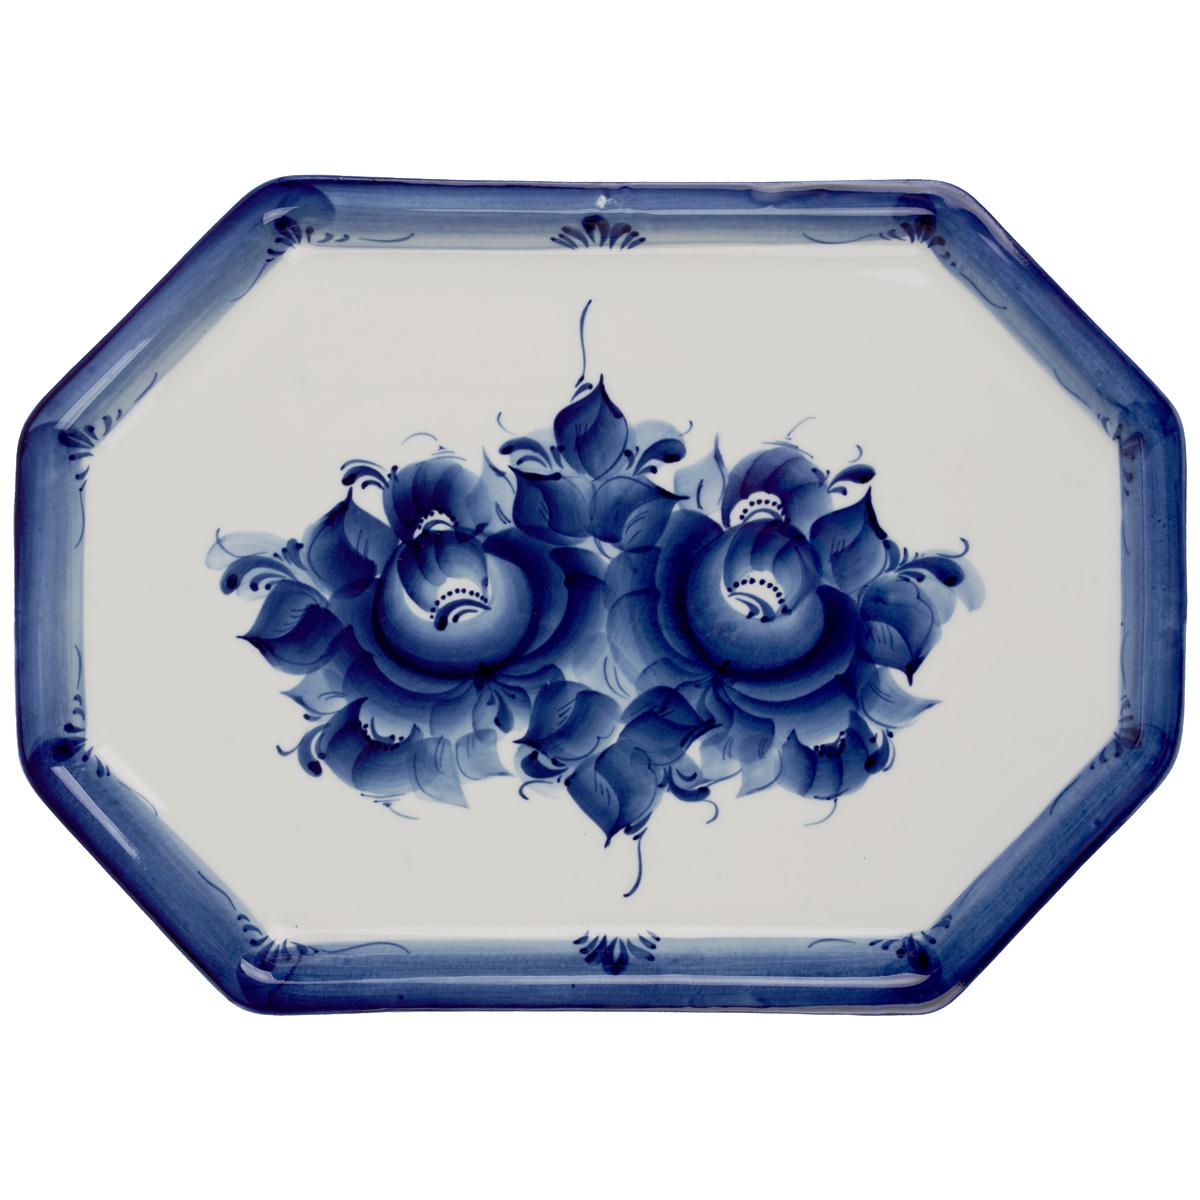 Поднос Питерский, цвет: белый, синий, 32 х 23 см115510Поднос Питерский изготовлен из высококачественного фарфора и оформлен росписью в технике гжель. Может использоваться как для сервировки, так и для декора кухни. Поднос прекрасно дополнит интерьер и добавит в обычную обстановку нотки элегантности и изящества.